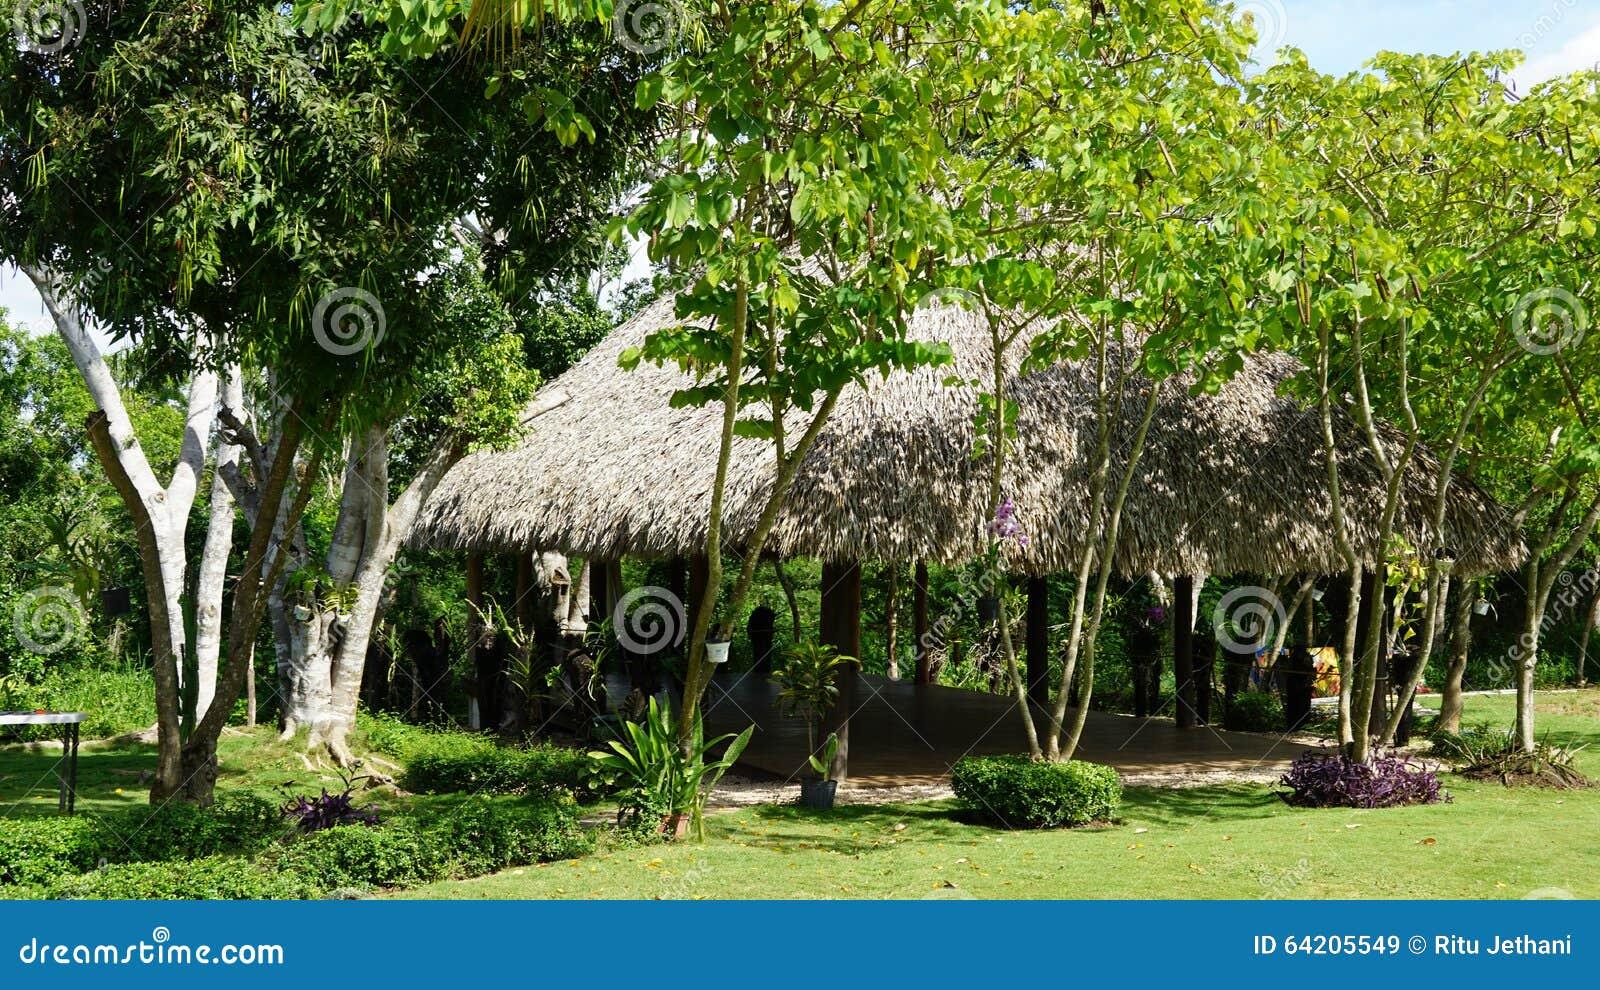 Parque con un refugio cubierto con paja